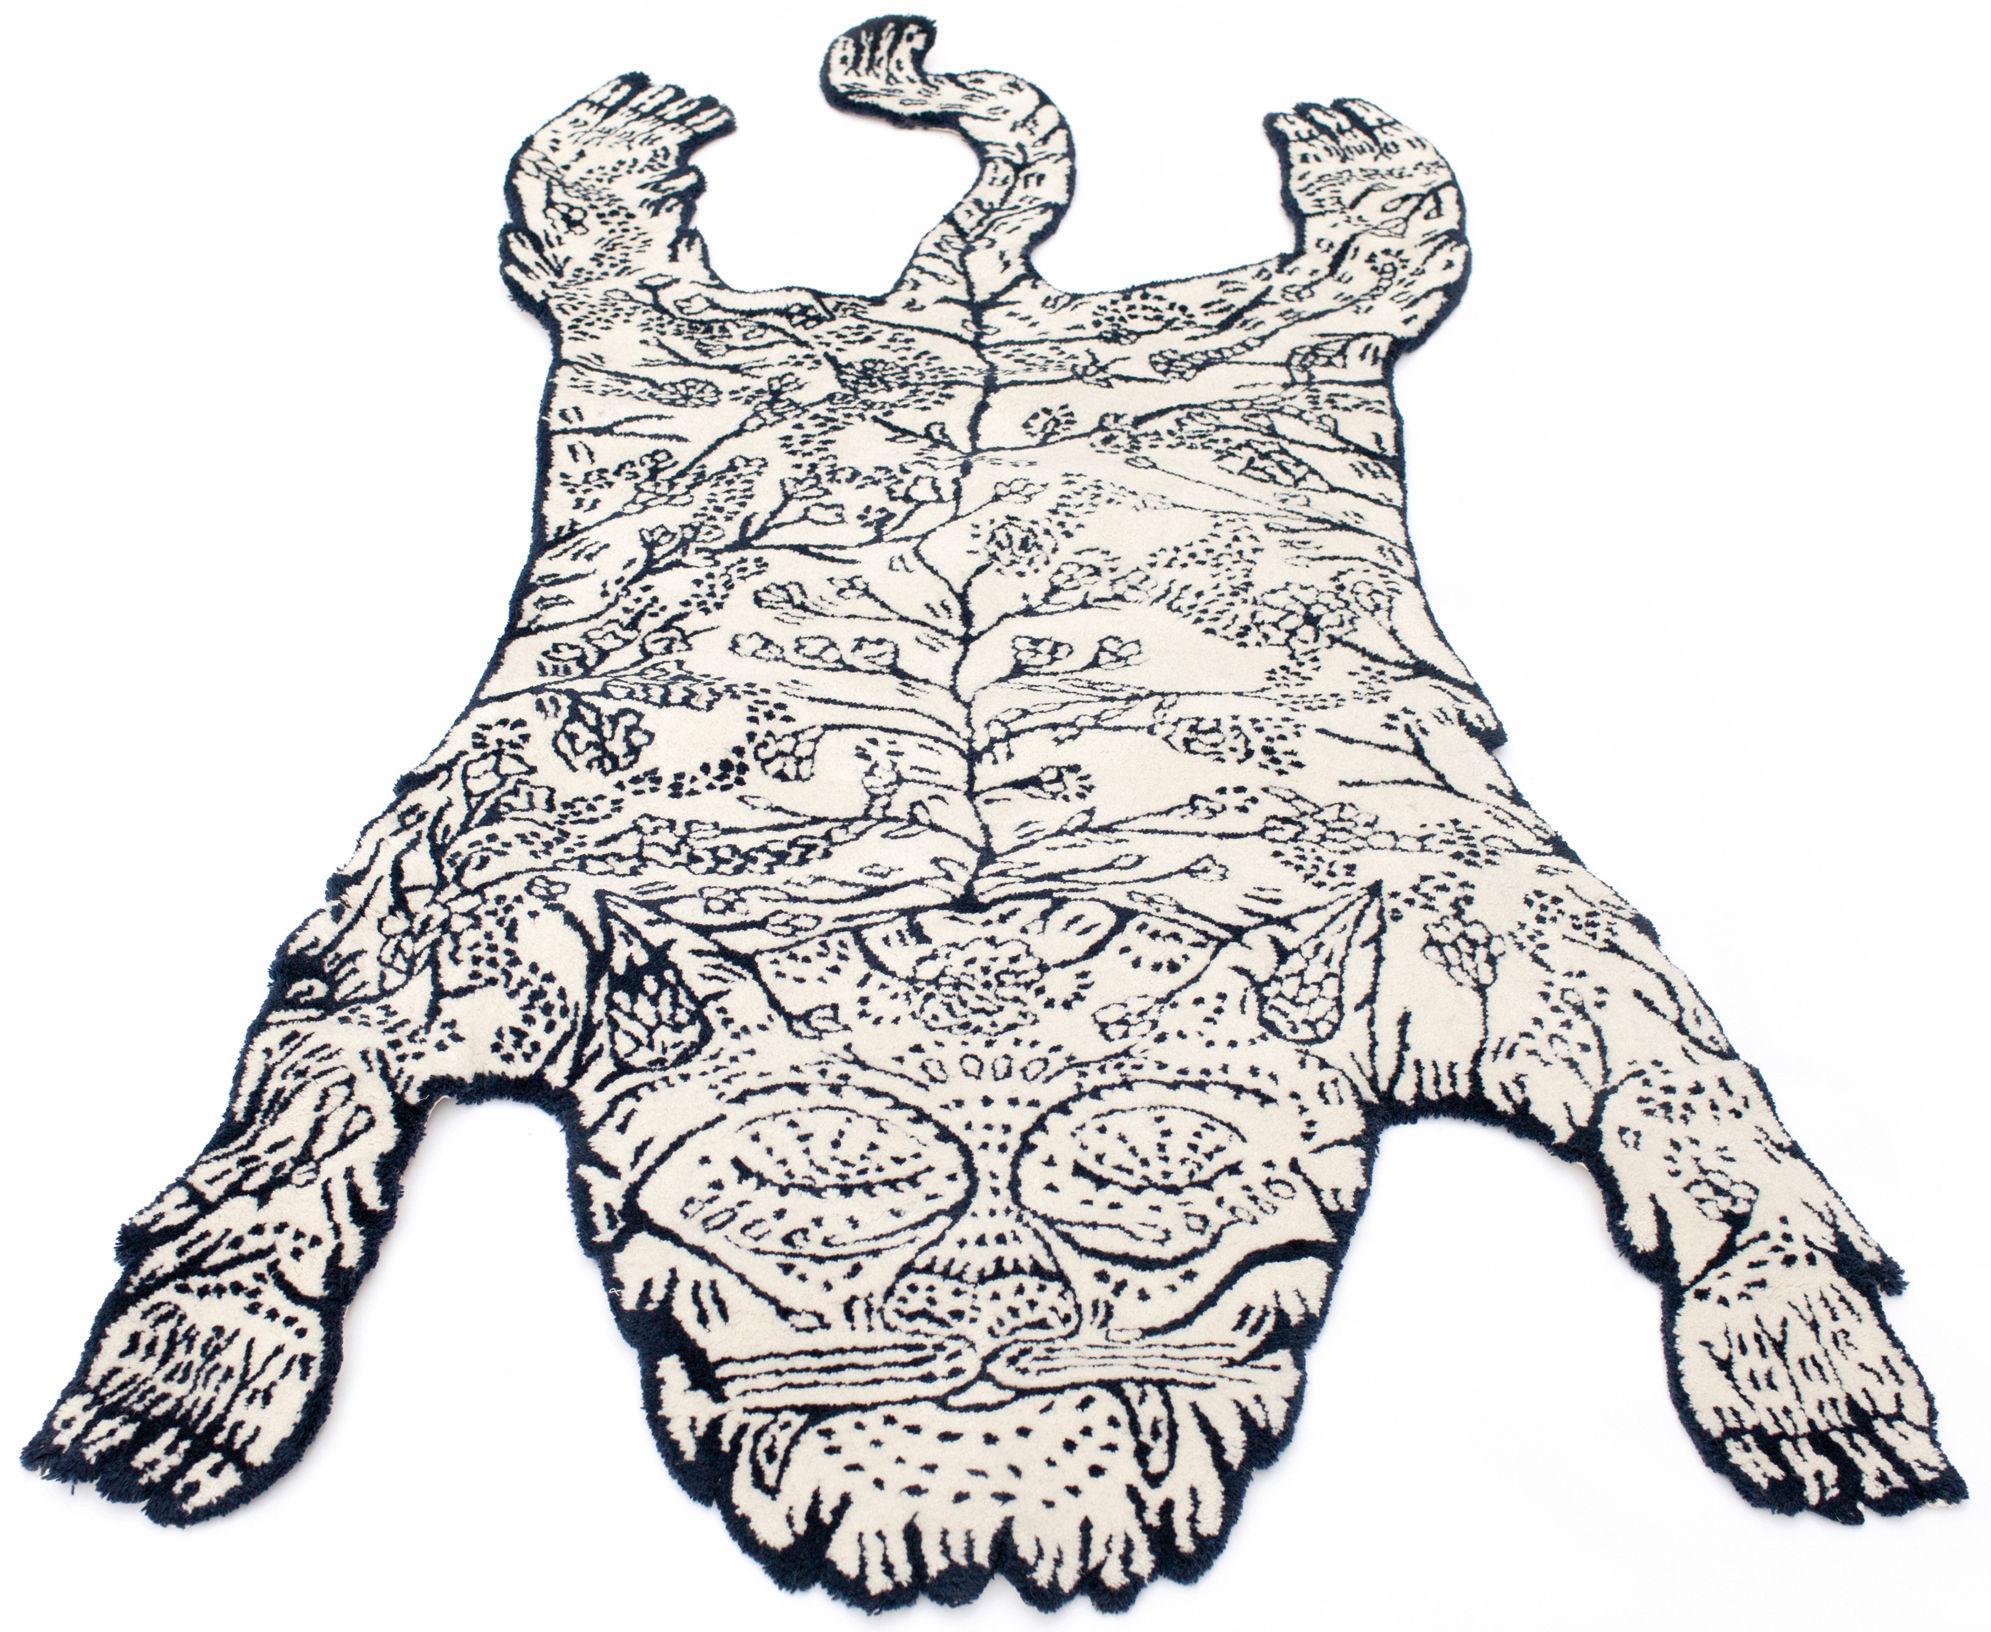 Dekoration - Teppiche - Tiger Teppich groß / 240 x 125 cm - Moustache - 240 x 125 cm / dunkelblau & weiß - Wolle